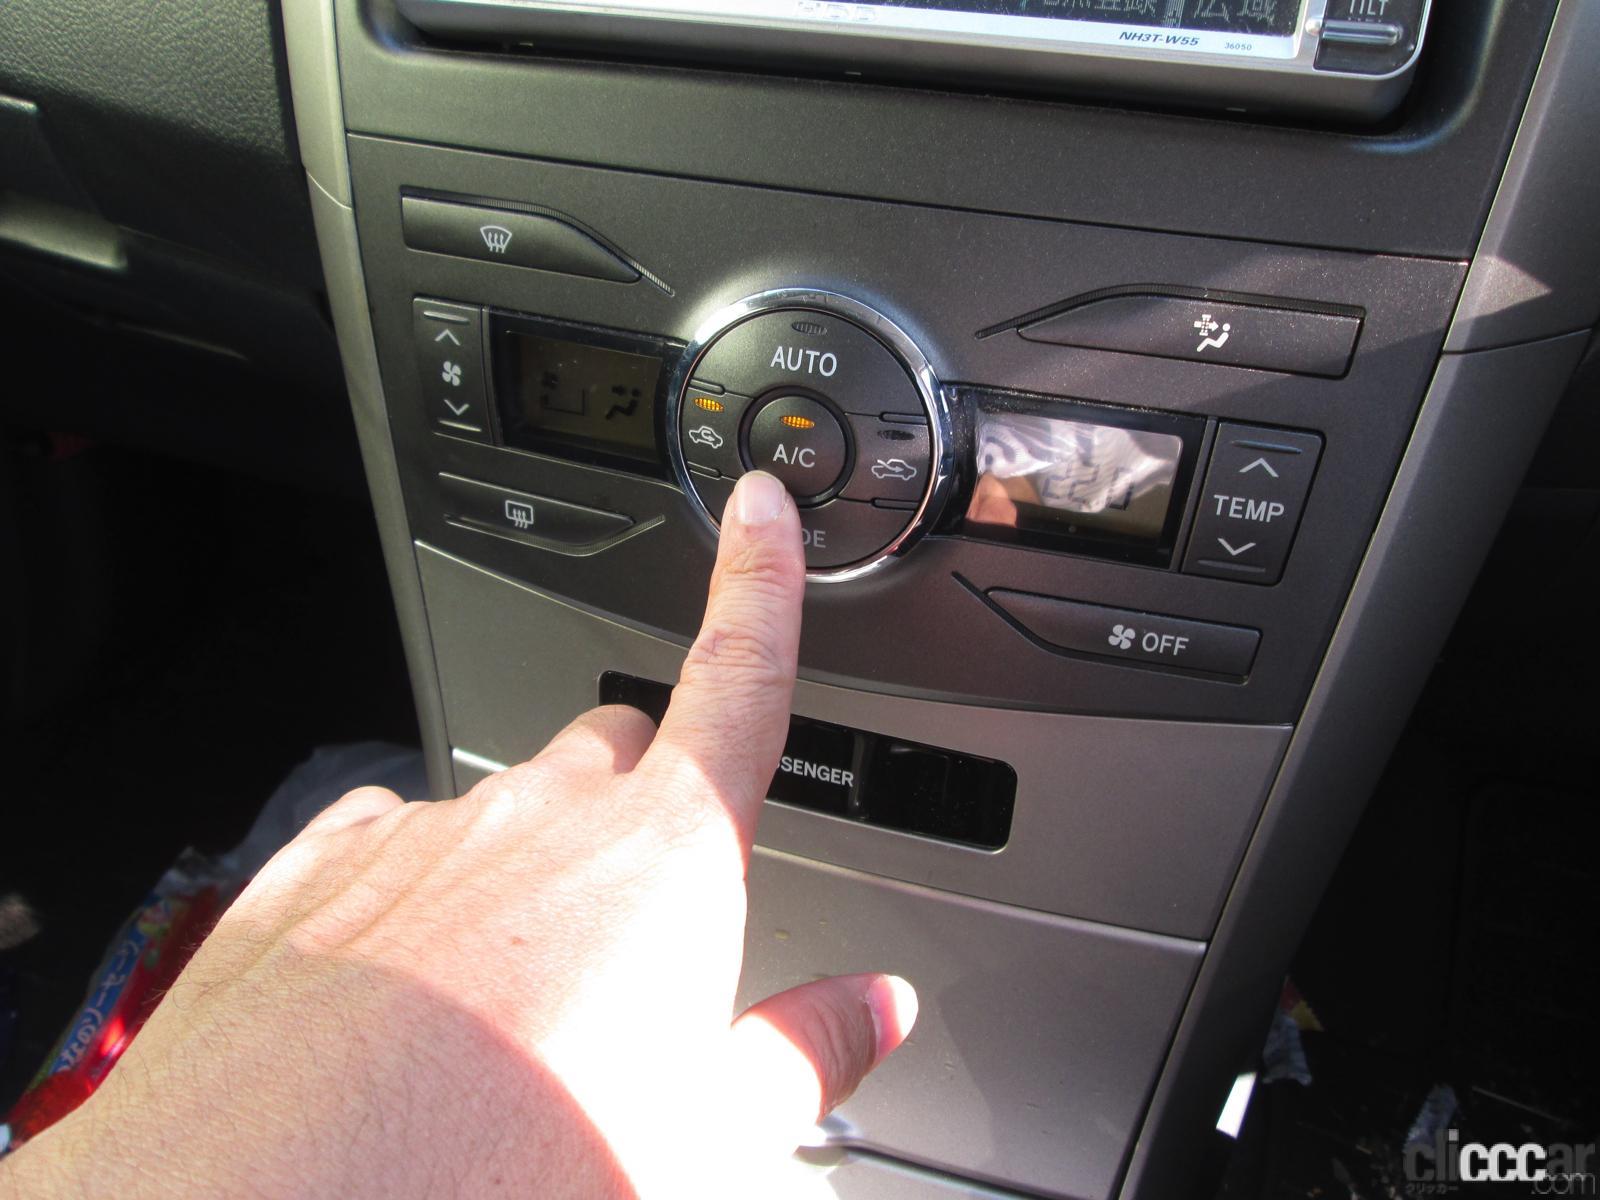 約5分で快適! 炎天下に駐車後、すぐに車内を冷やす「エアコン」の正しい使い方